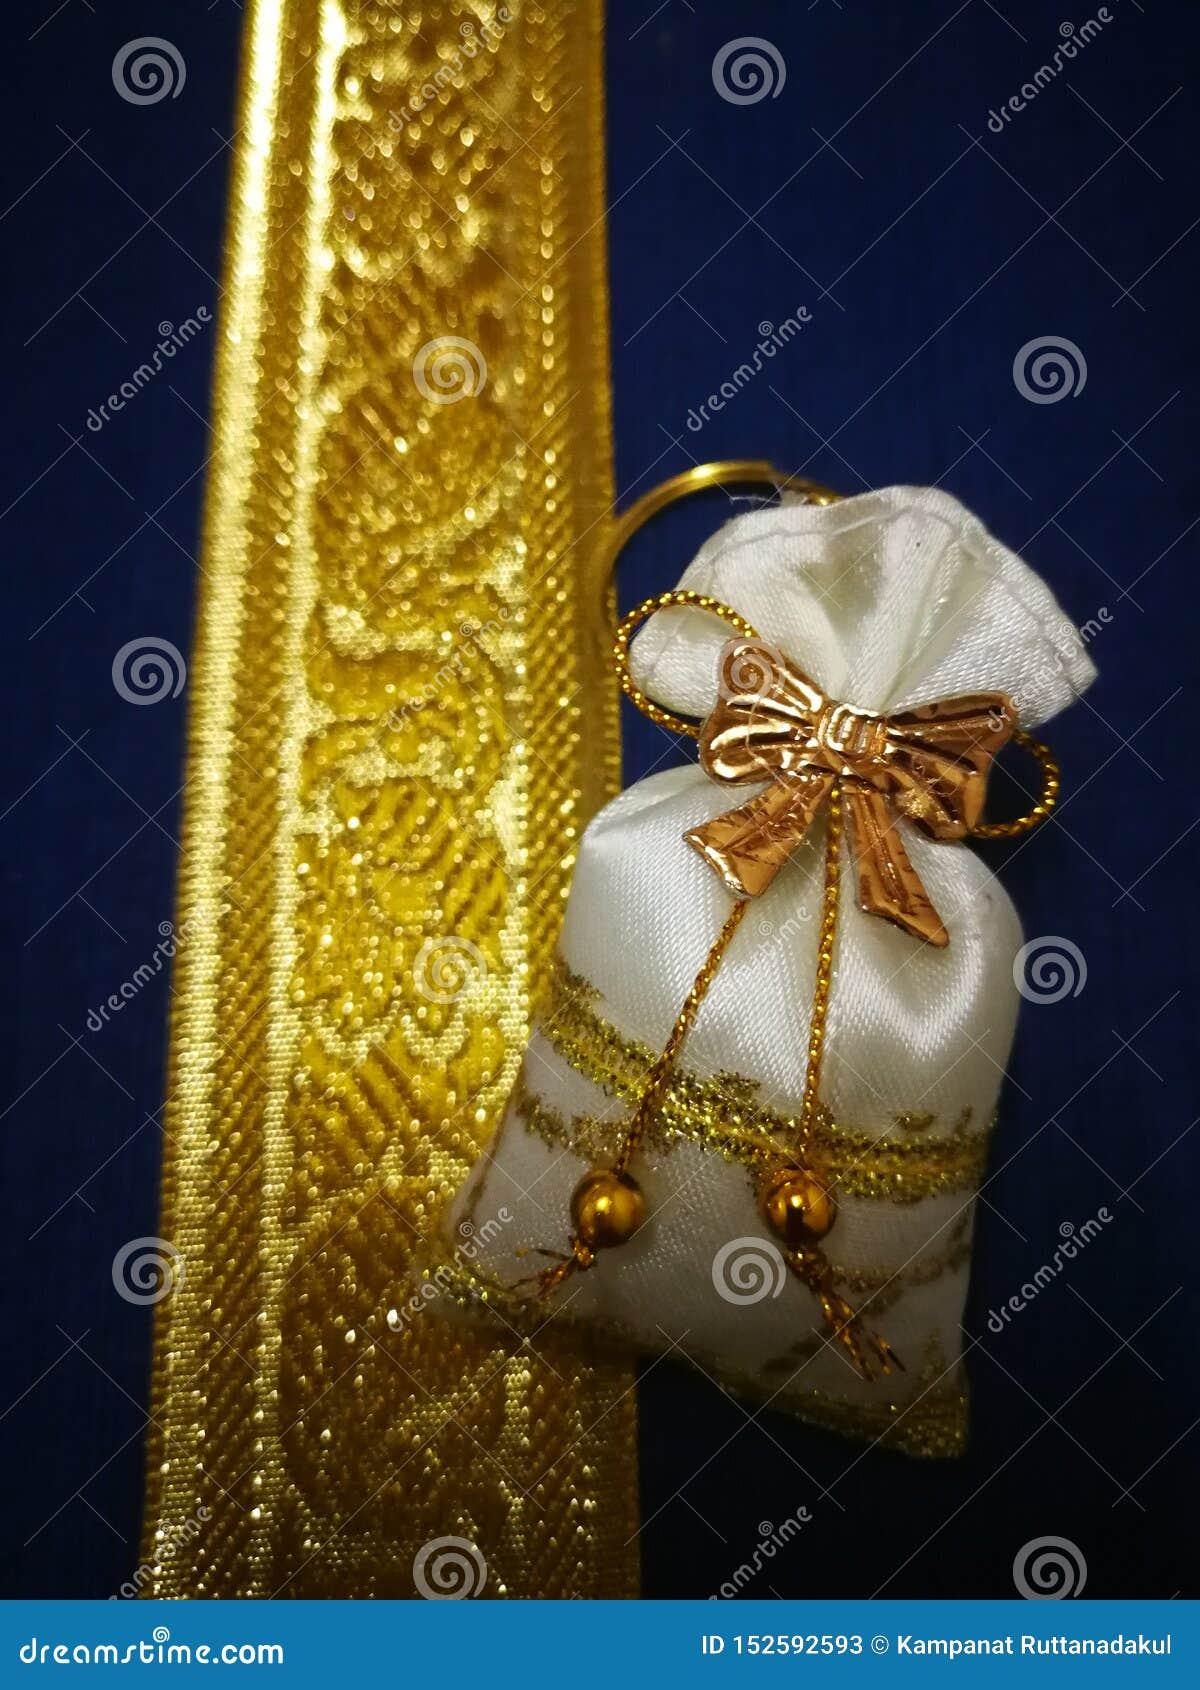 Ślubny prezent jest złotym torbą umieszczającym na barwiącym srebra pudełku